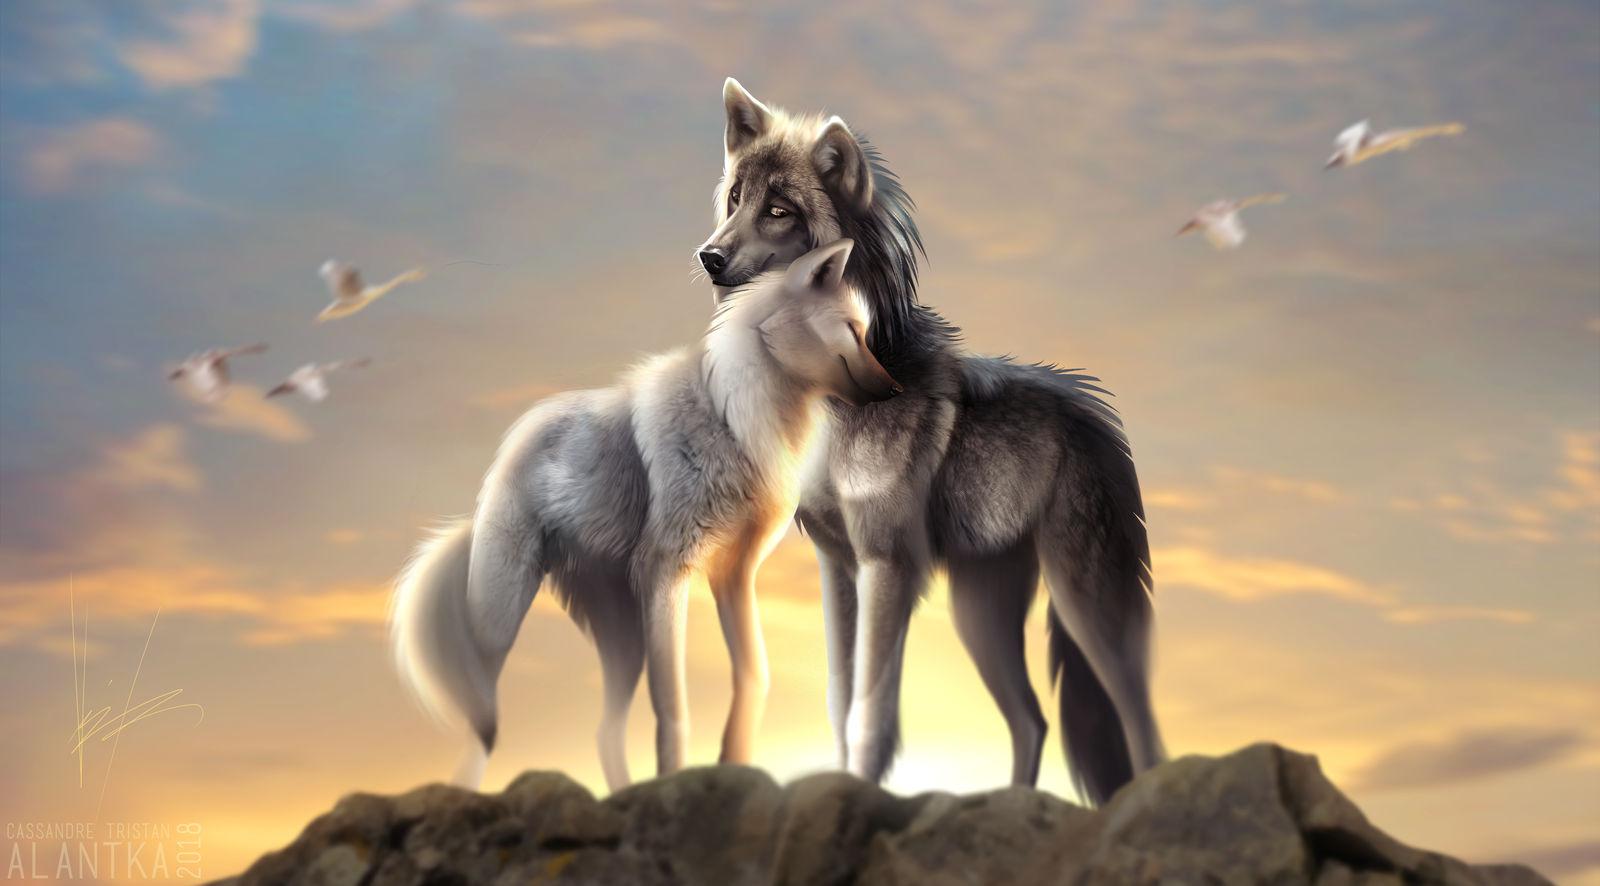 Фото Волк и волчица на вершине скалы на фоне закатного неба, by Alantka